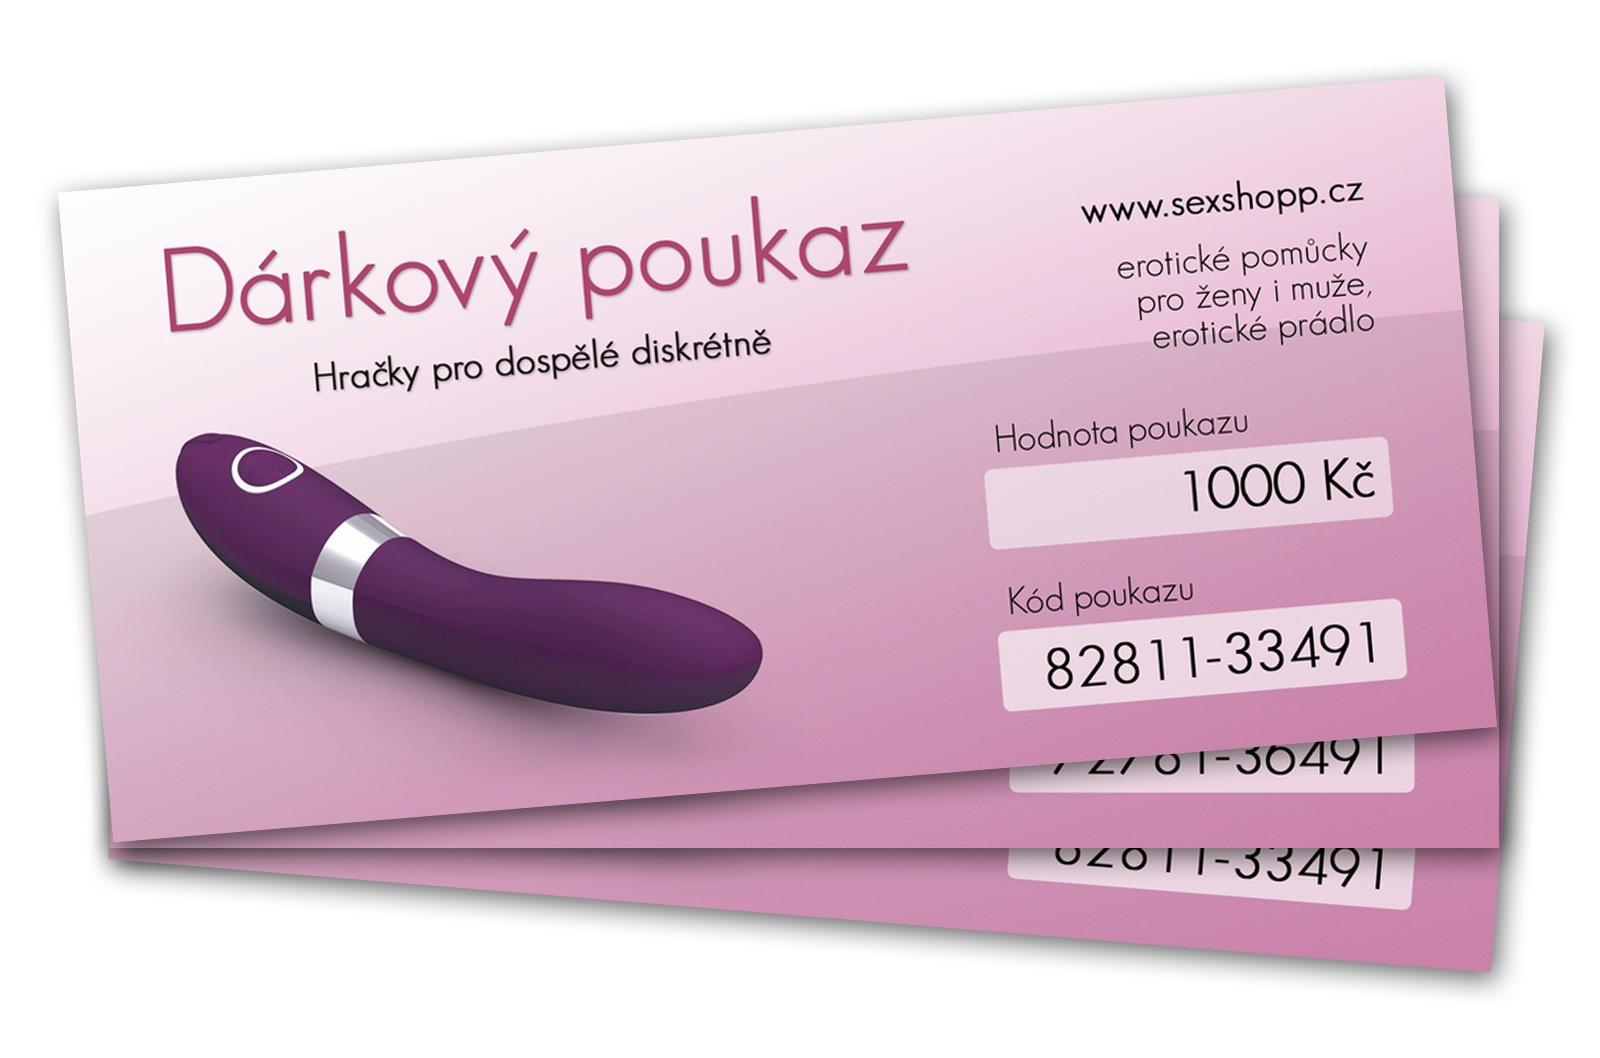 Vyhlášení vítěze soutěže o poukaz do sexshopu na 1000 Kč